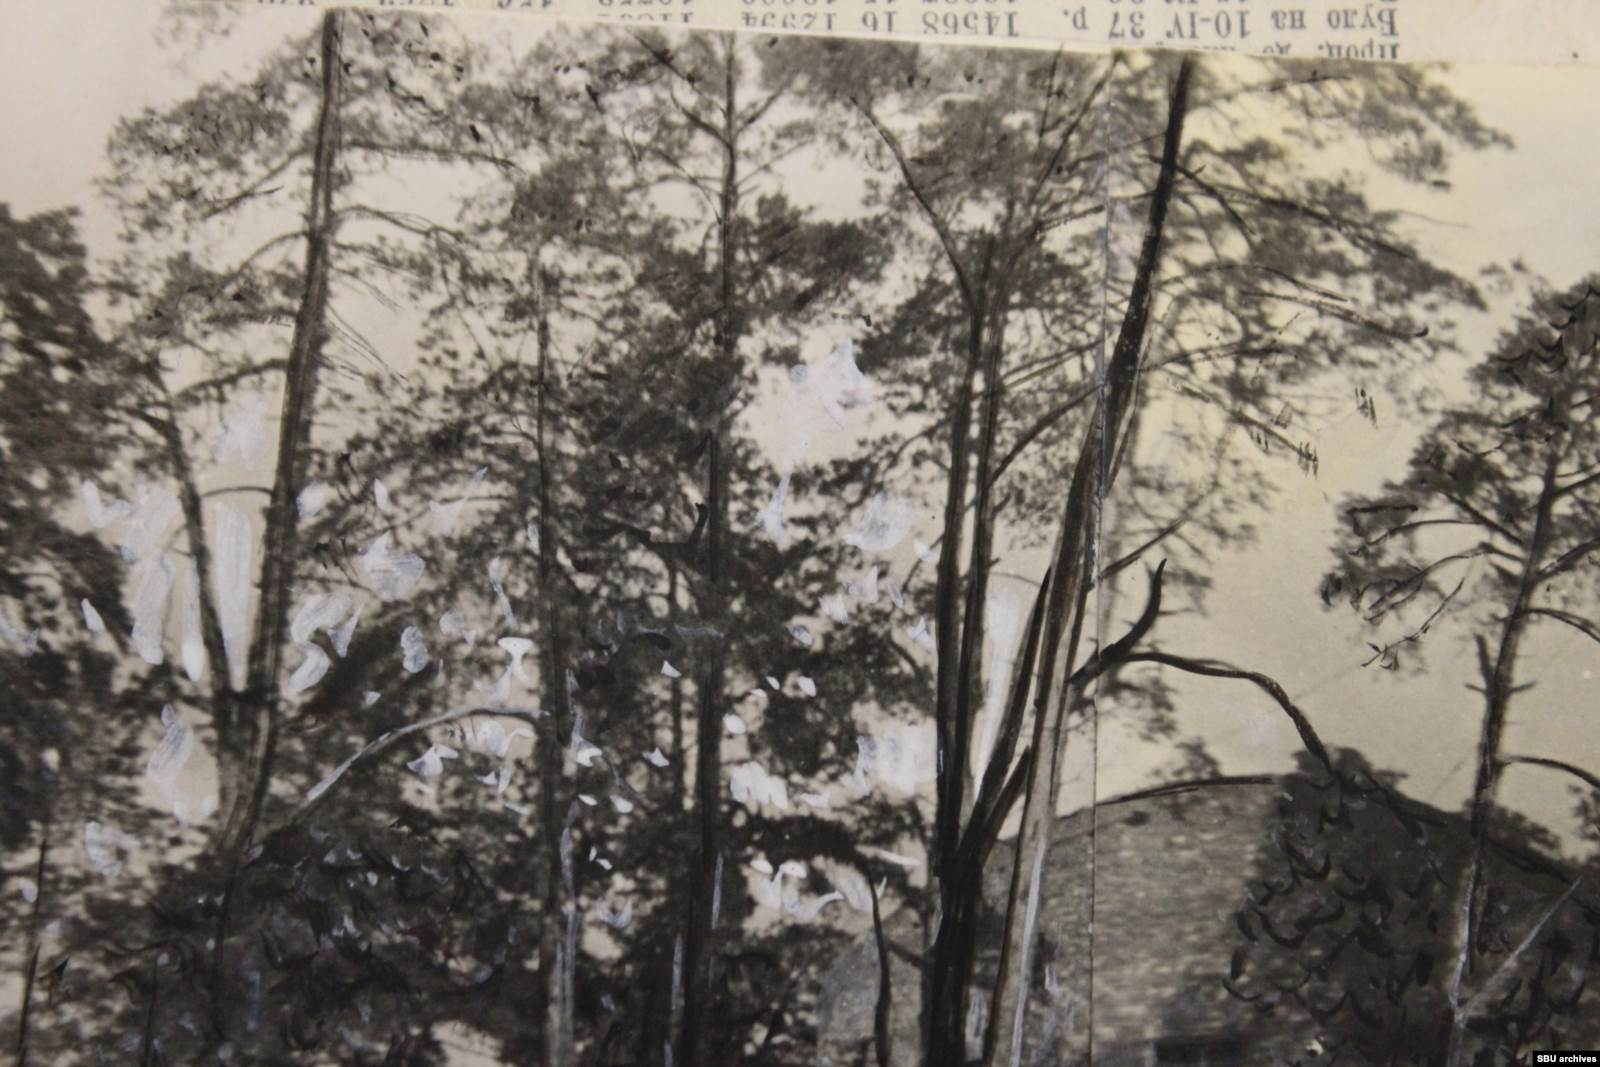 Фрагмент снимка со следами ретуши Цетнаровского